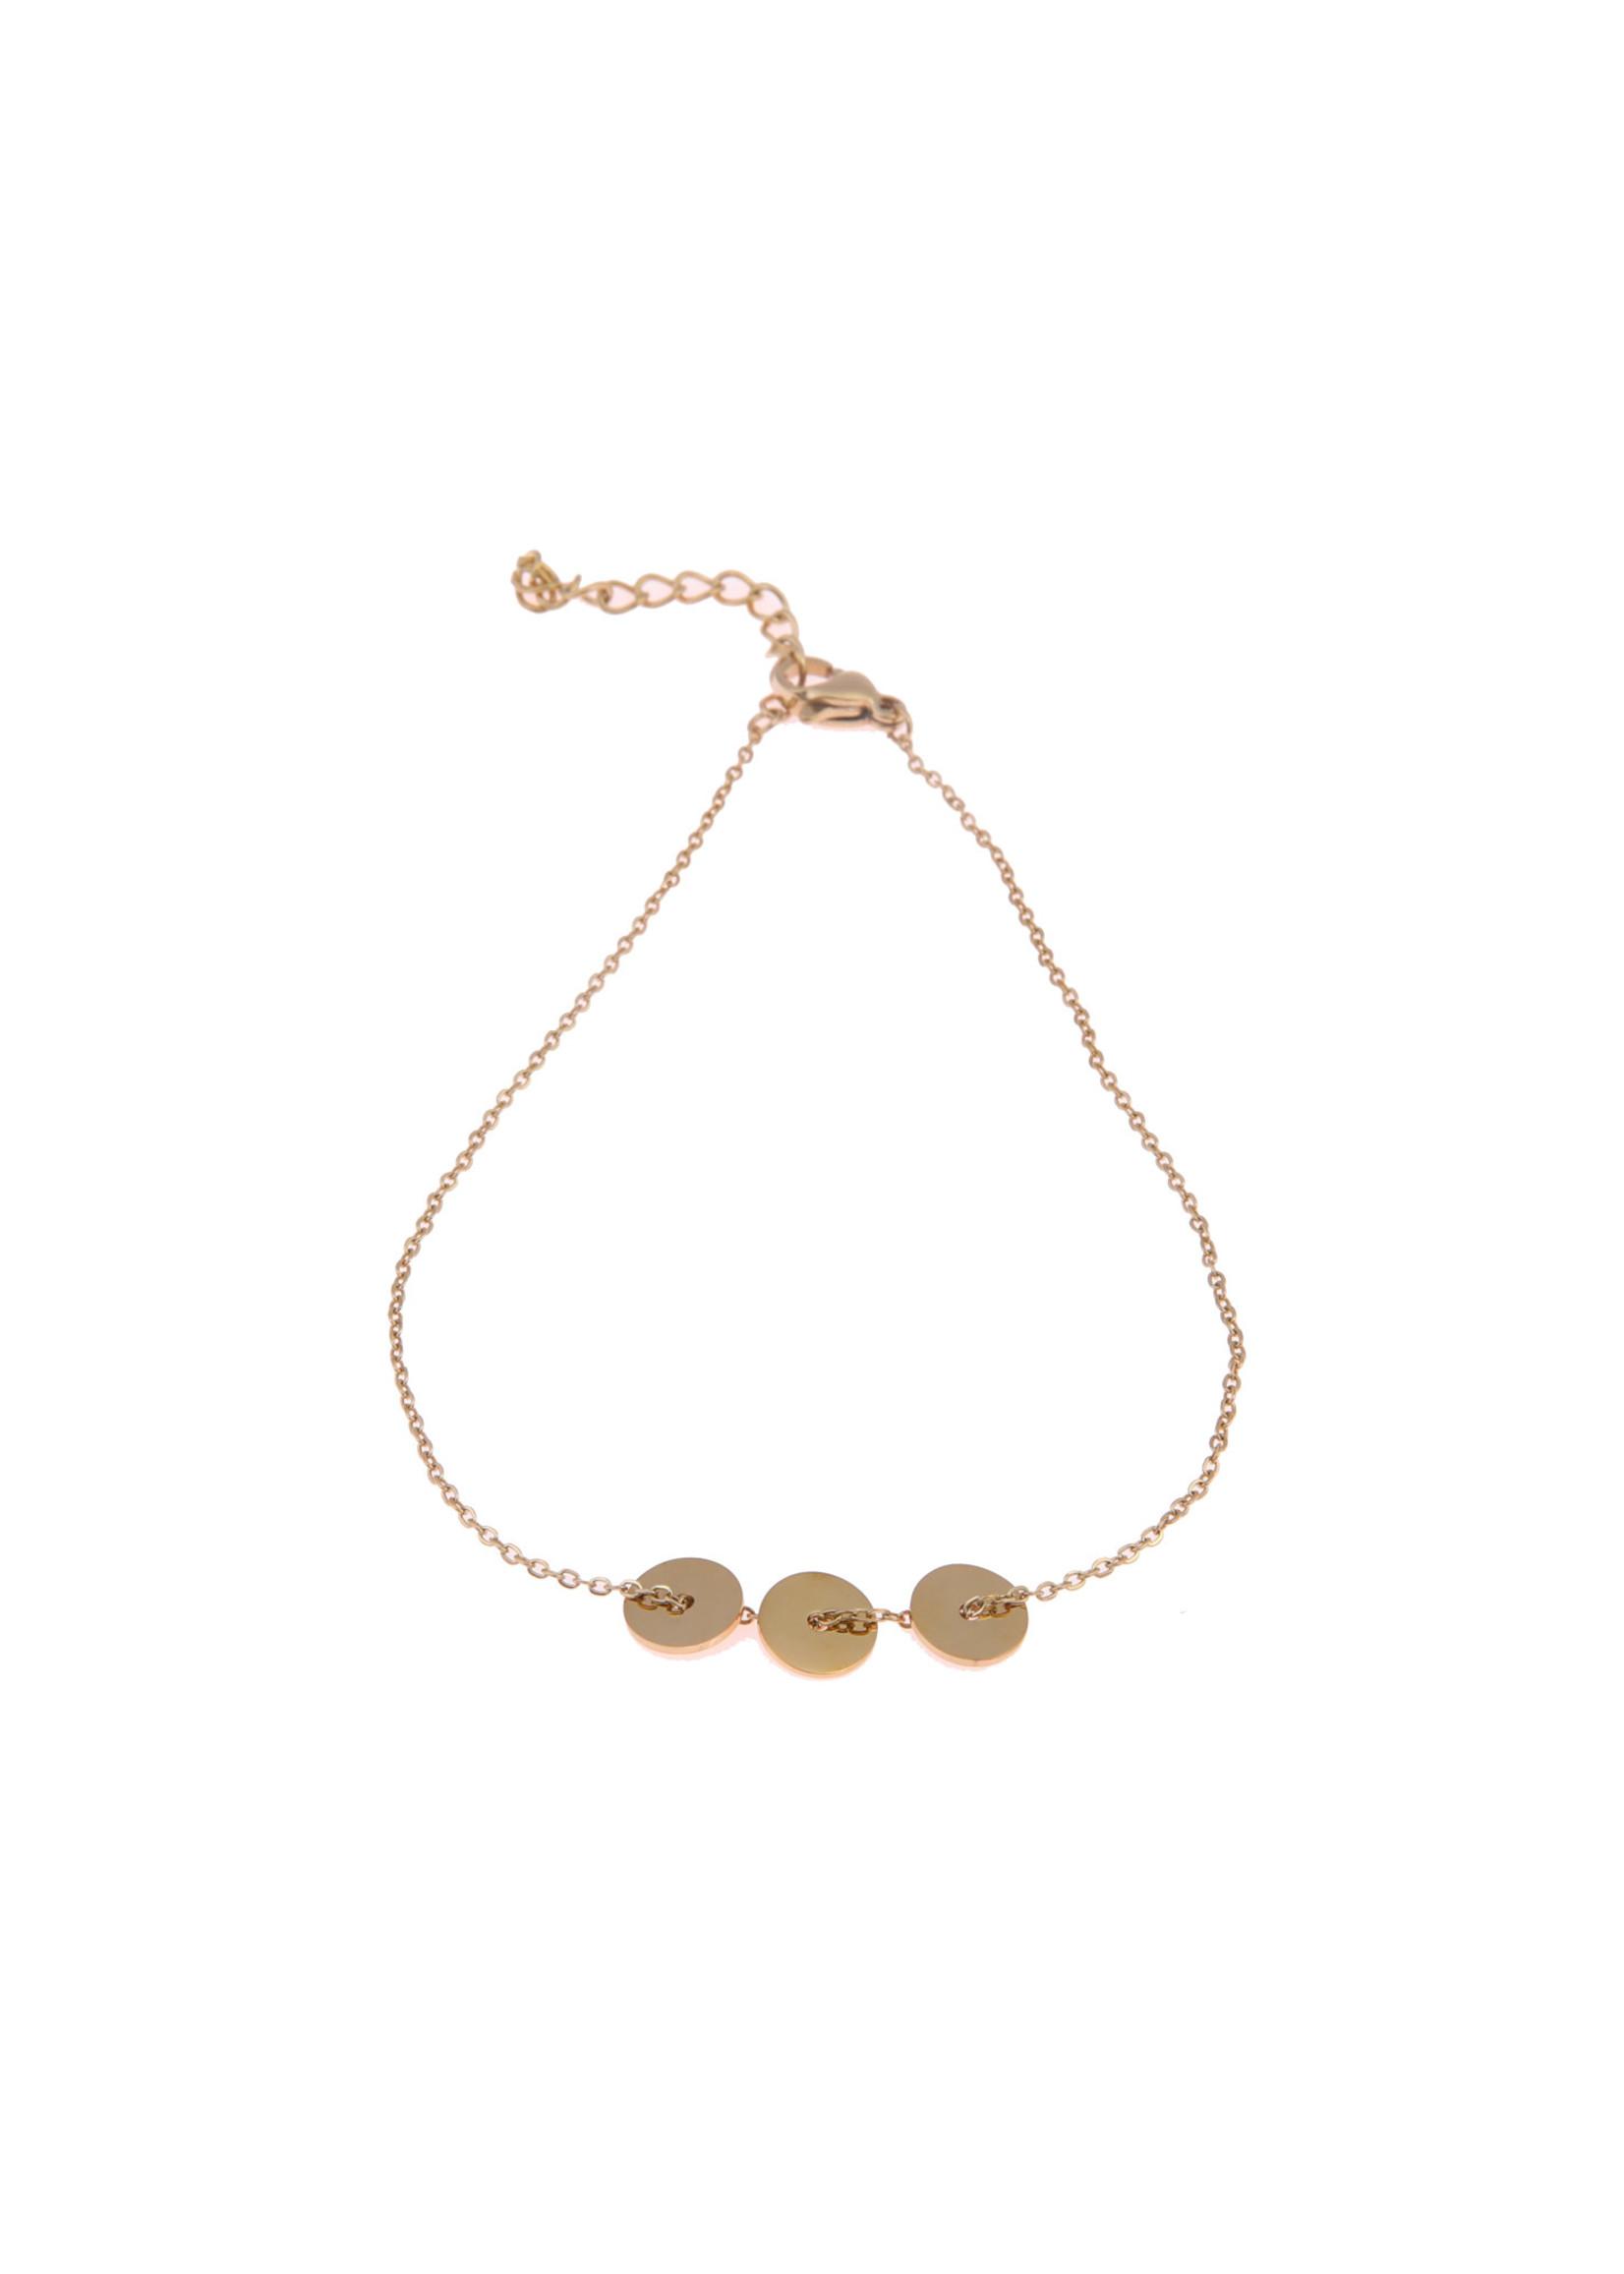 Enkelbandje goud rondjes A0415-2